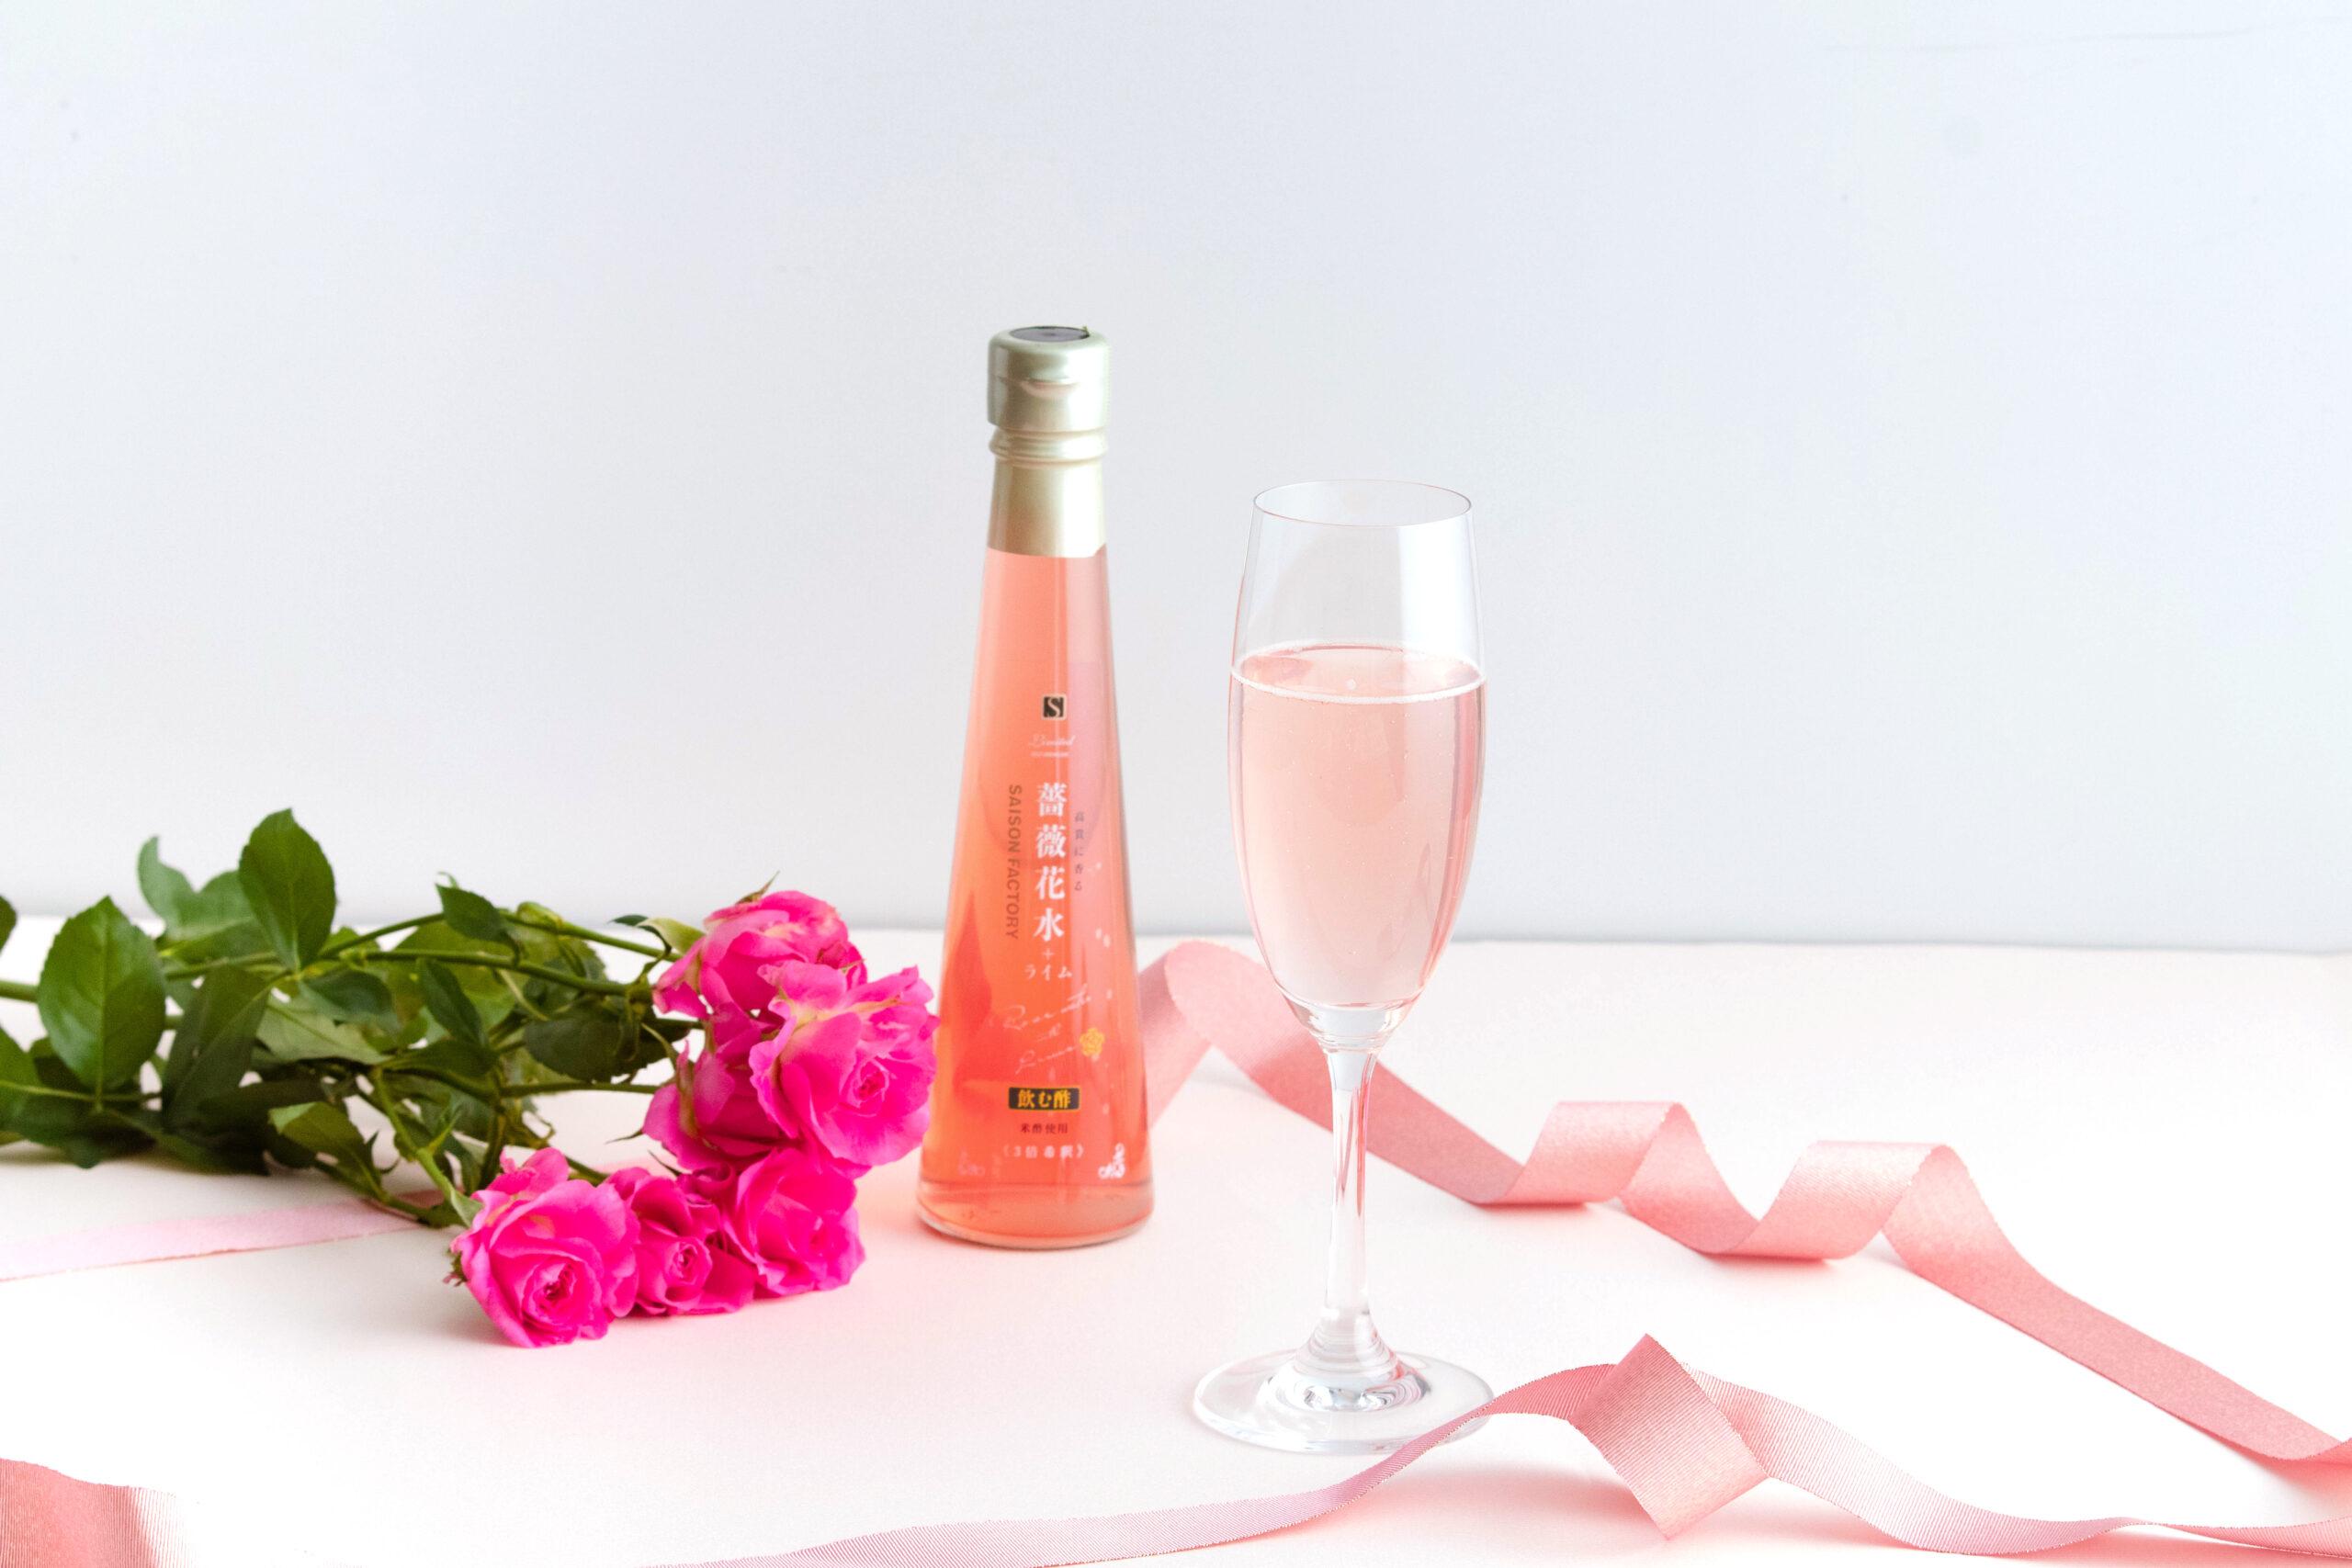 《セゾンファクトリー》 母の日ギフトに薔薇&薔薇の飲むお酢はいかが 薔薇づくしのギフトが4月14日(水)より発売